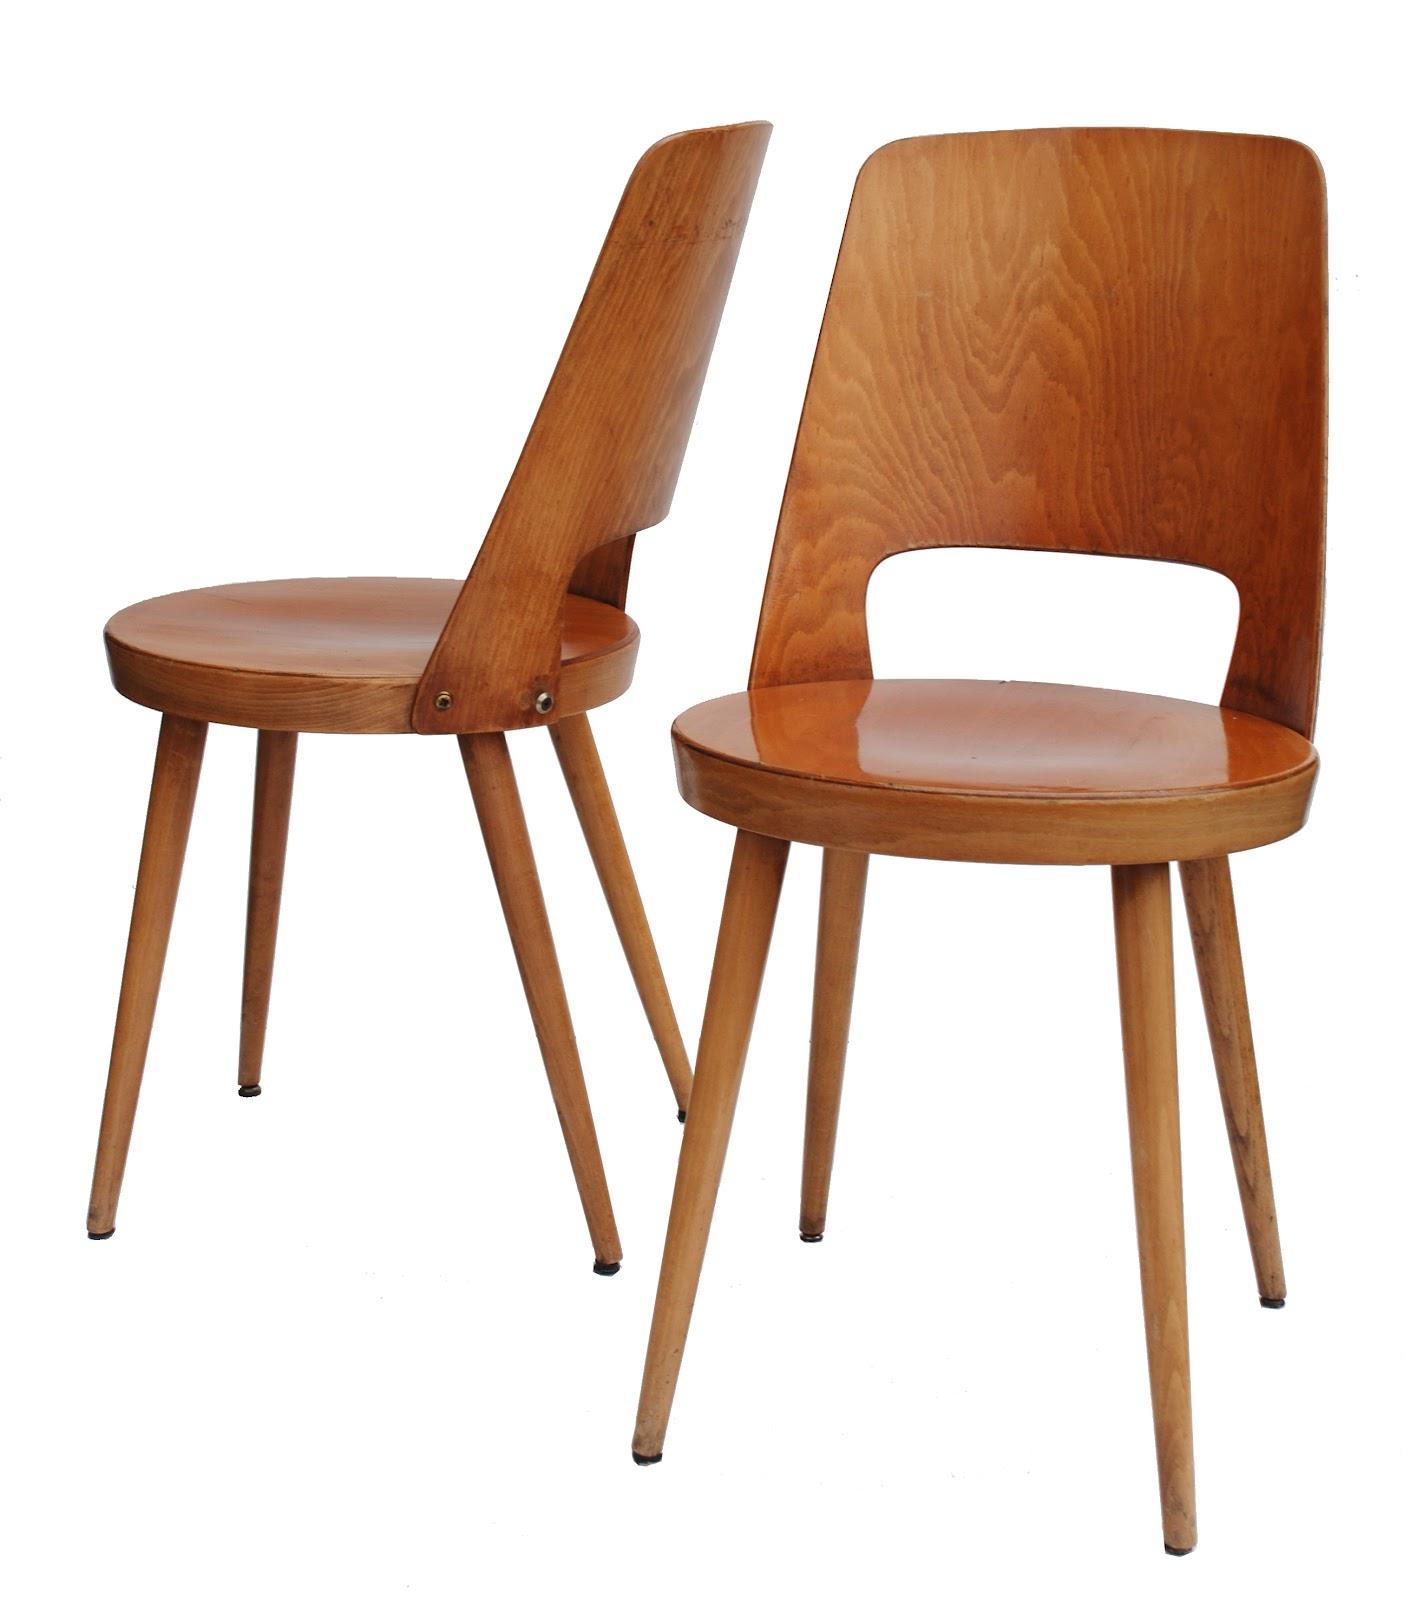 Bo vintage chaises bistro baumann ann es 60 - Chaise design annee 50 ...